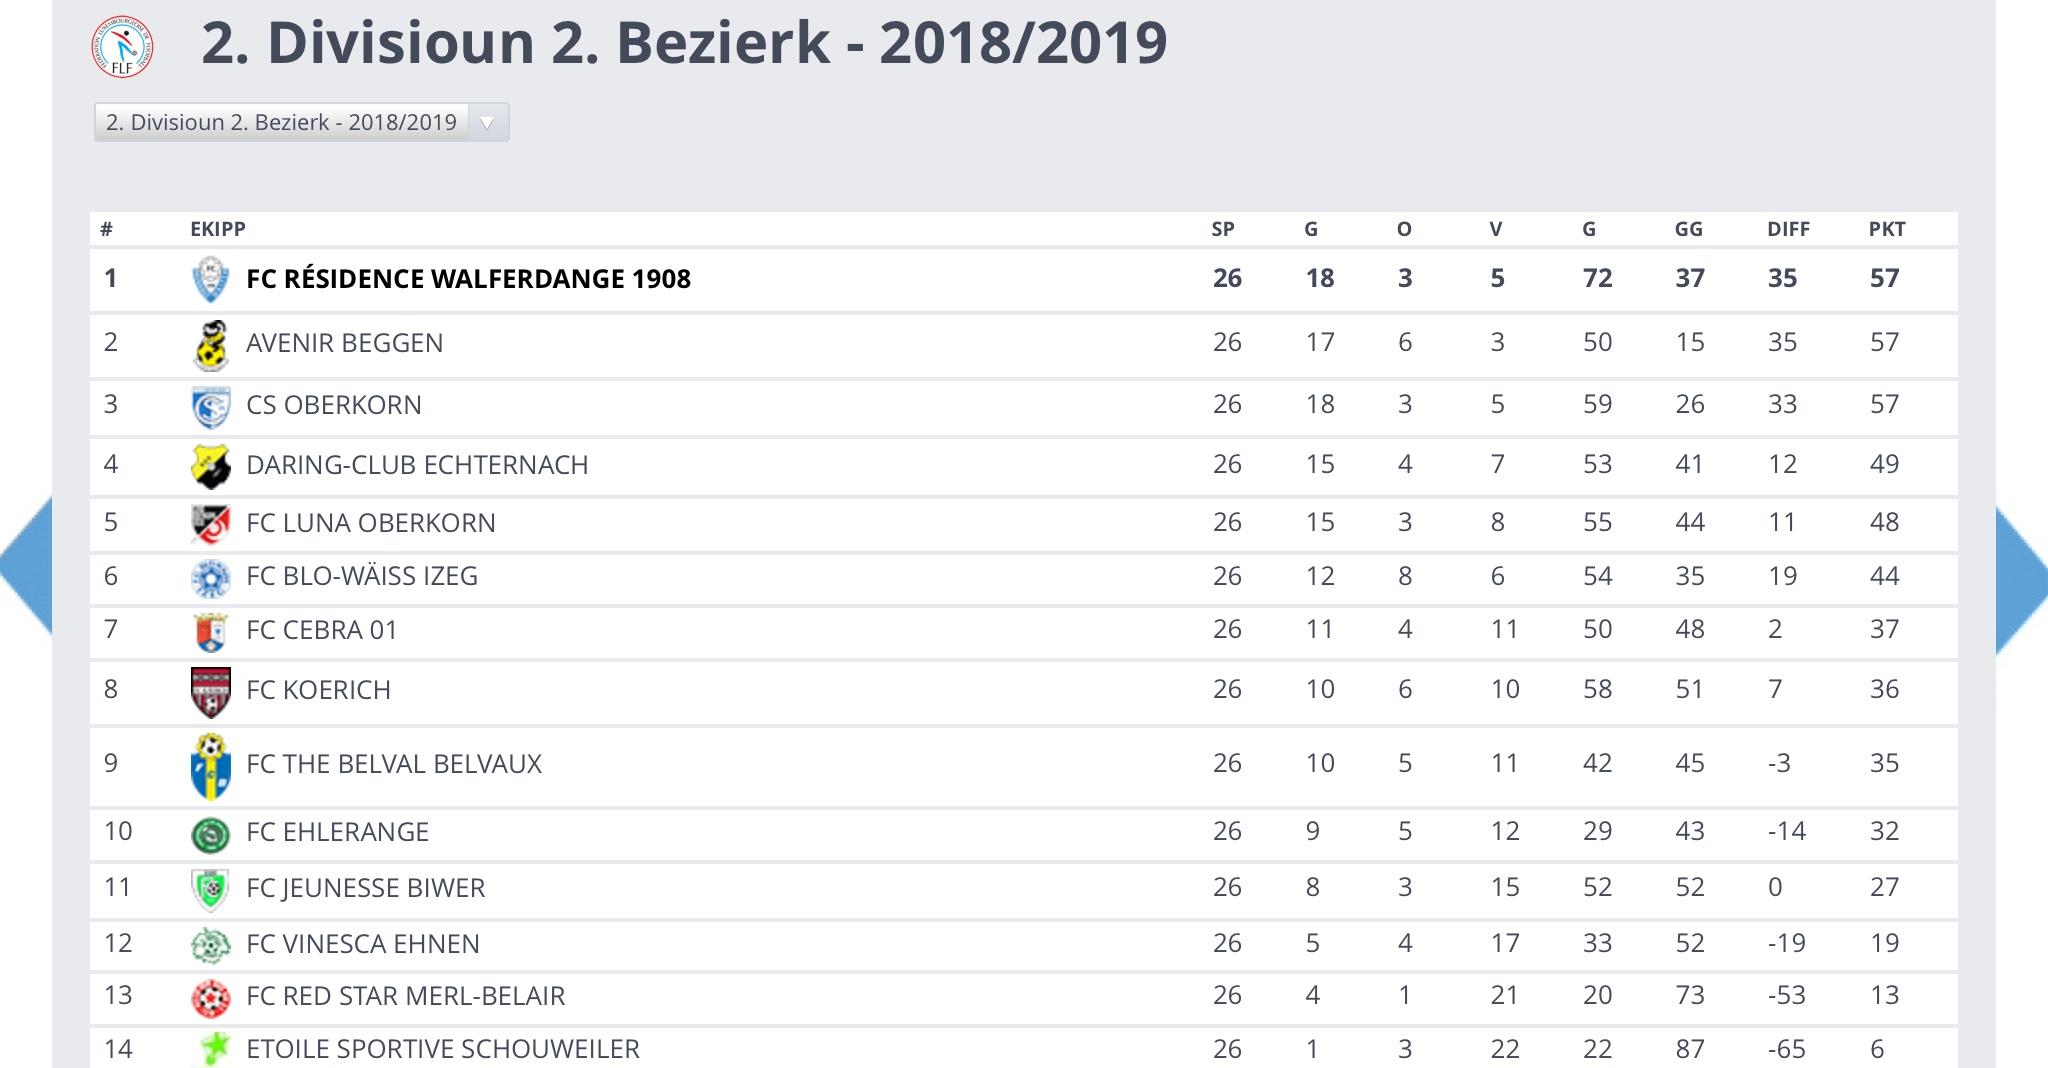 19/05/2019 FCRW 1908 Champion Saison 2018/2019 et Montee en Division 1